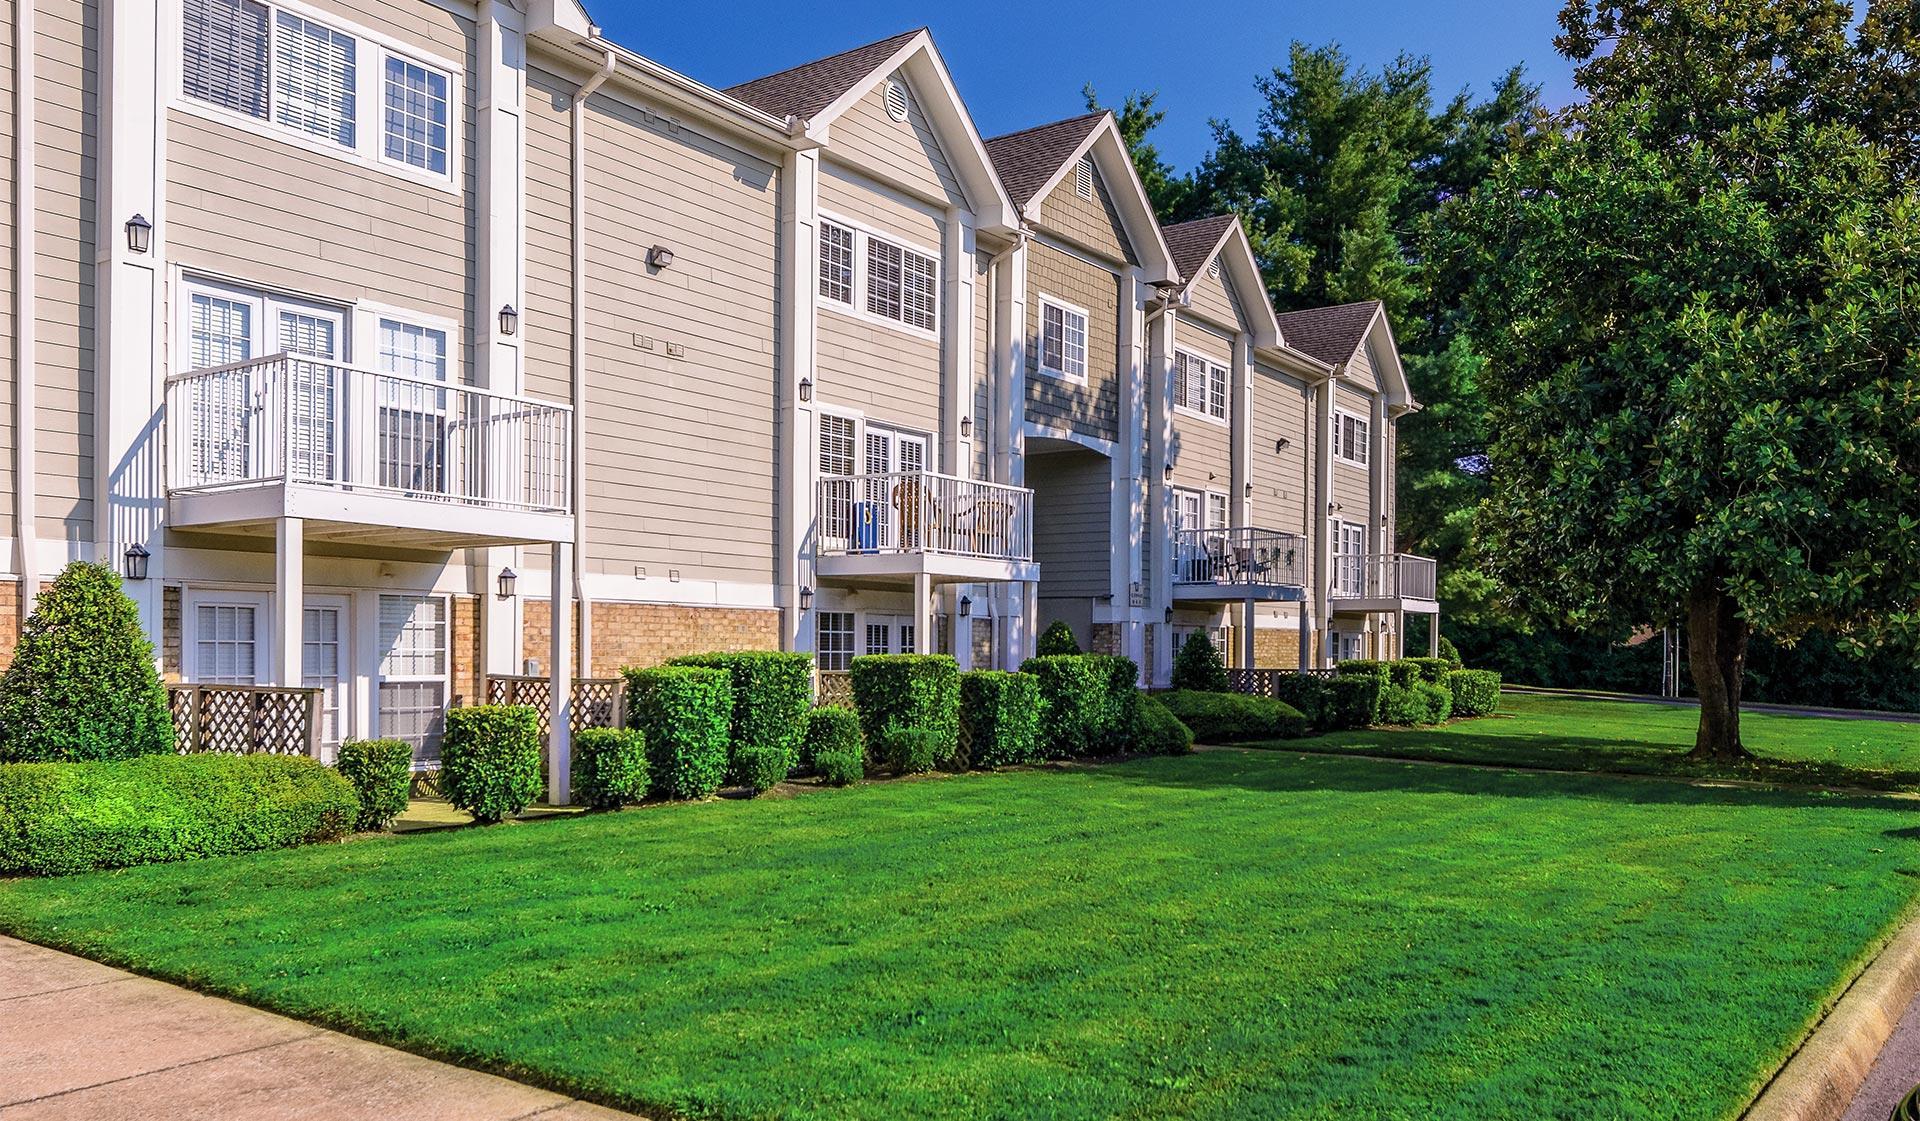 865 Bellevue Apartments In Nashville Tn 37221